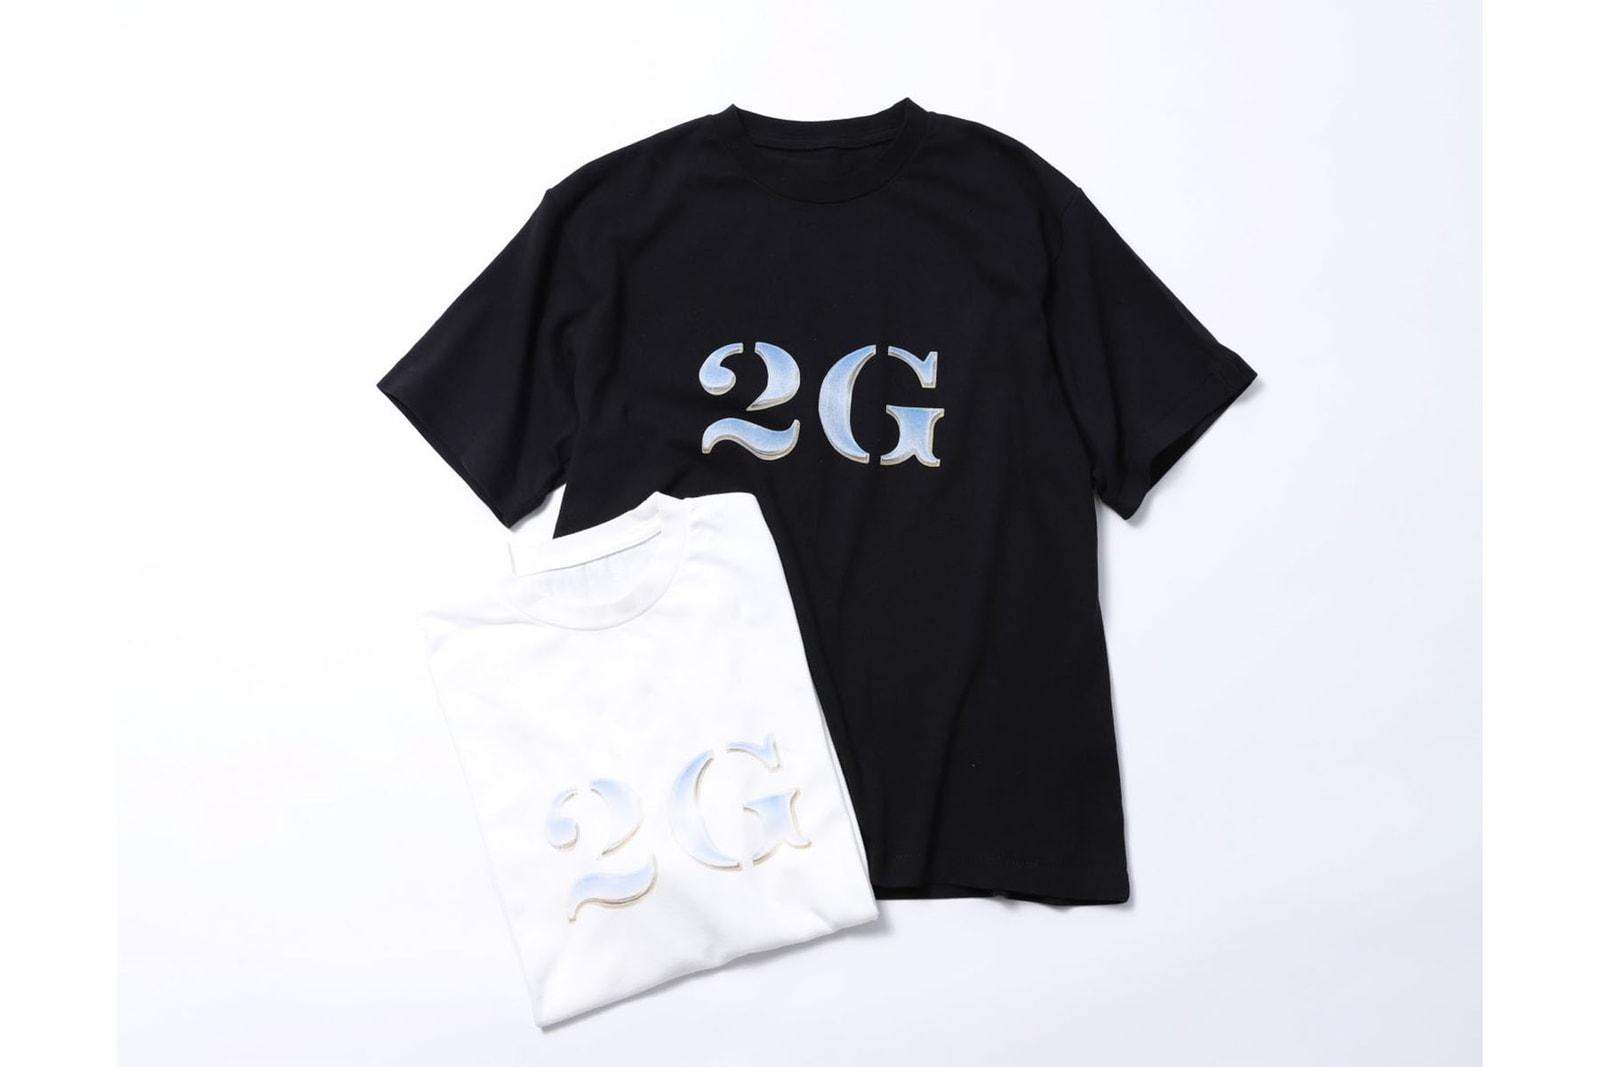 """グランドオープンを果たす 渋谷PARCO に NANZUKA x Poggy x MEDICOM TOY による新ショップ 2G が誕生 小木""""Poggy""""基史 ベアブリック BE@RBRICK"""